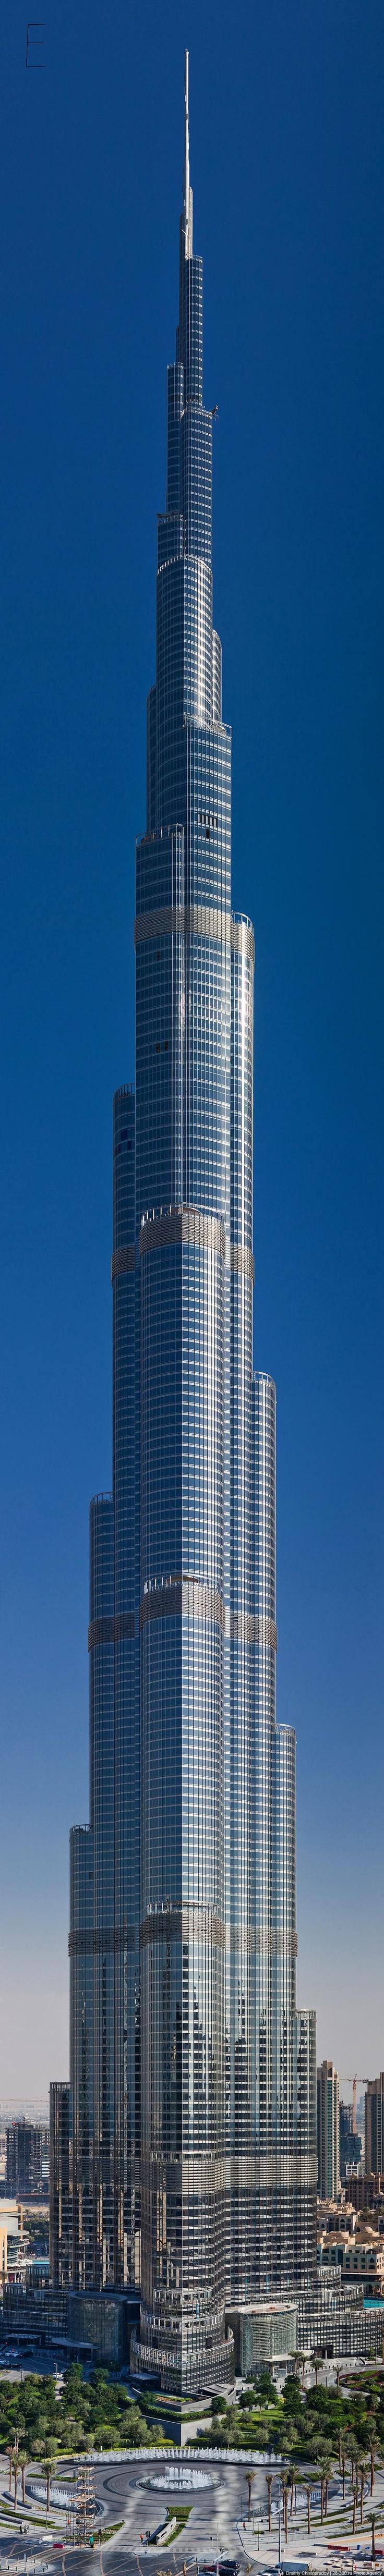 El edificio mas alto del mundo. .. http://es.wikipedia.org/wiki/Burj_Khalifa